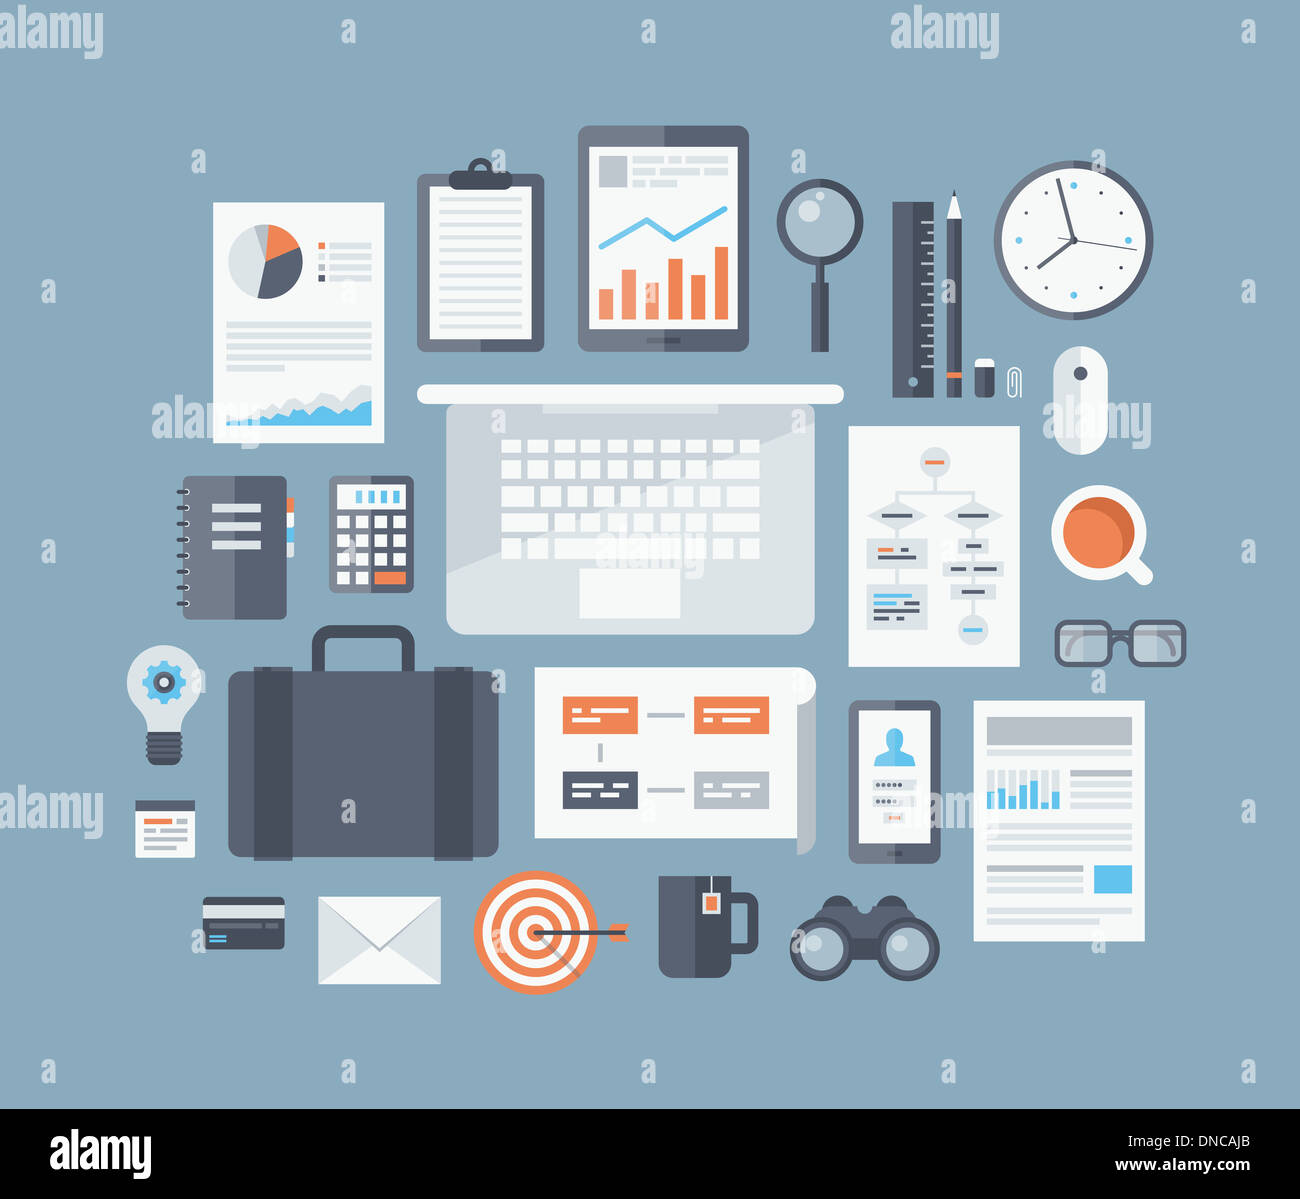 Moderno design illustrazione piana concetto di business gli elementi del flusso di lavoro e gli elementi, ufficio le cose e attrezzature Immagini Stock